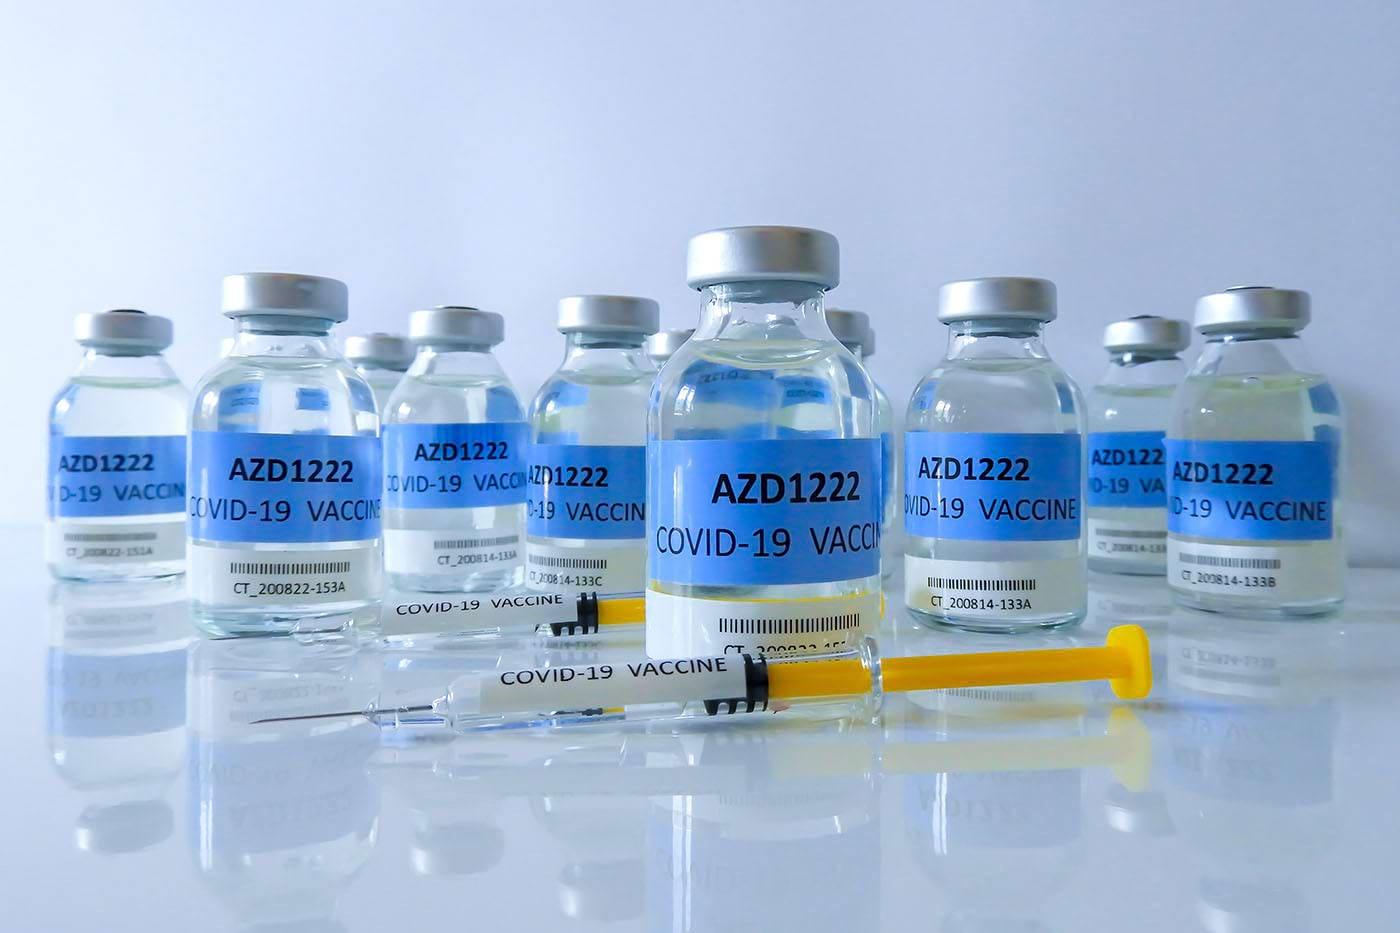 Vaccin anti-COVID-19: Cât de eficient este vaccinul Oxford-AstraZeneca?